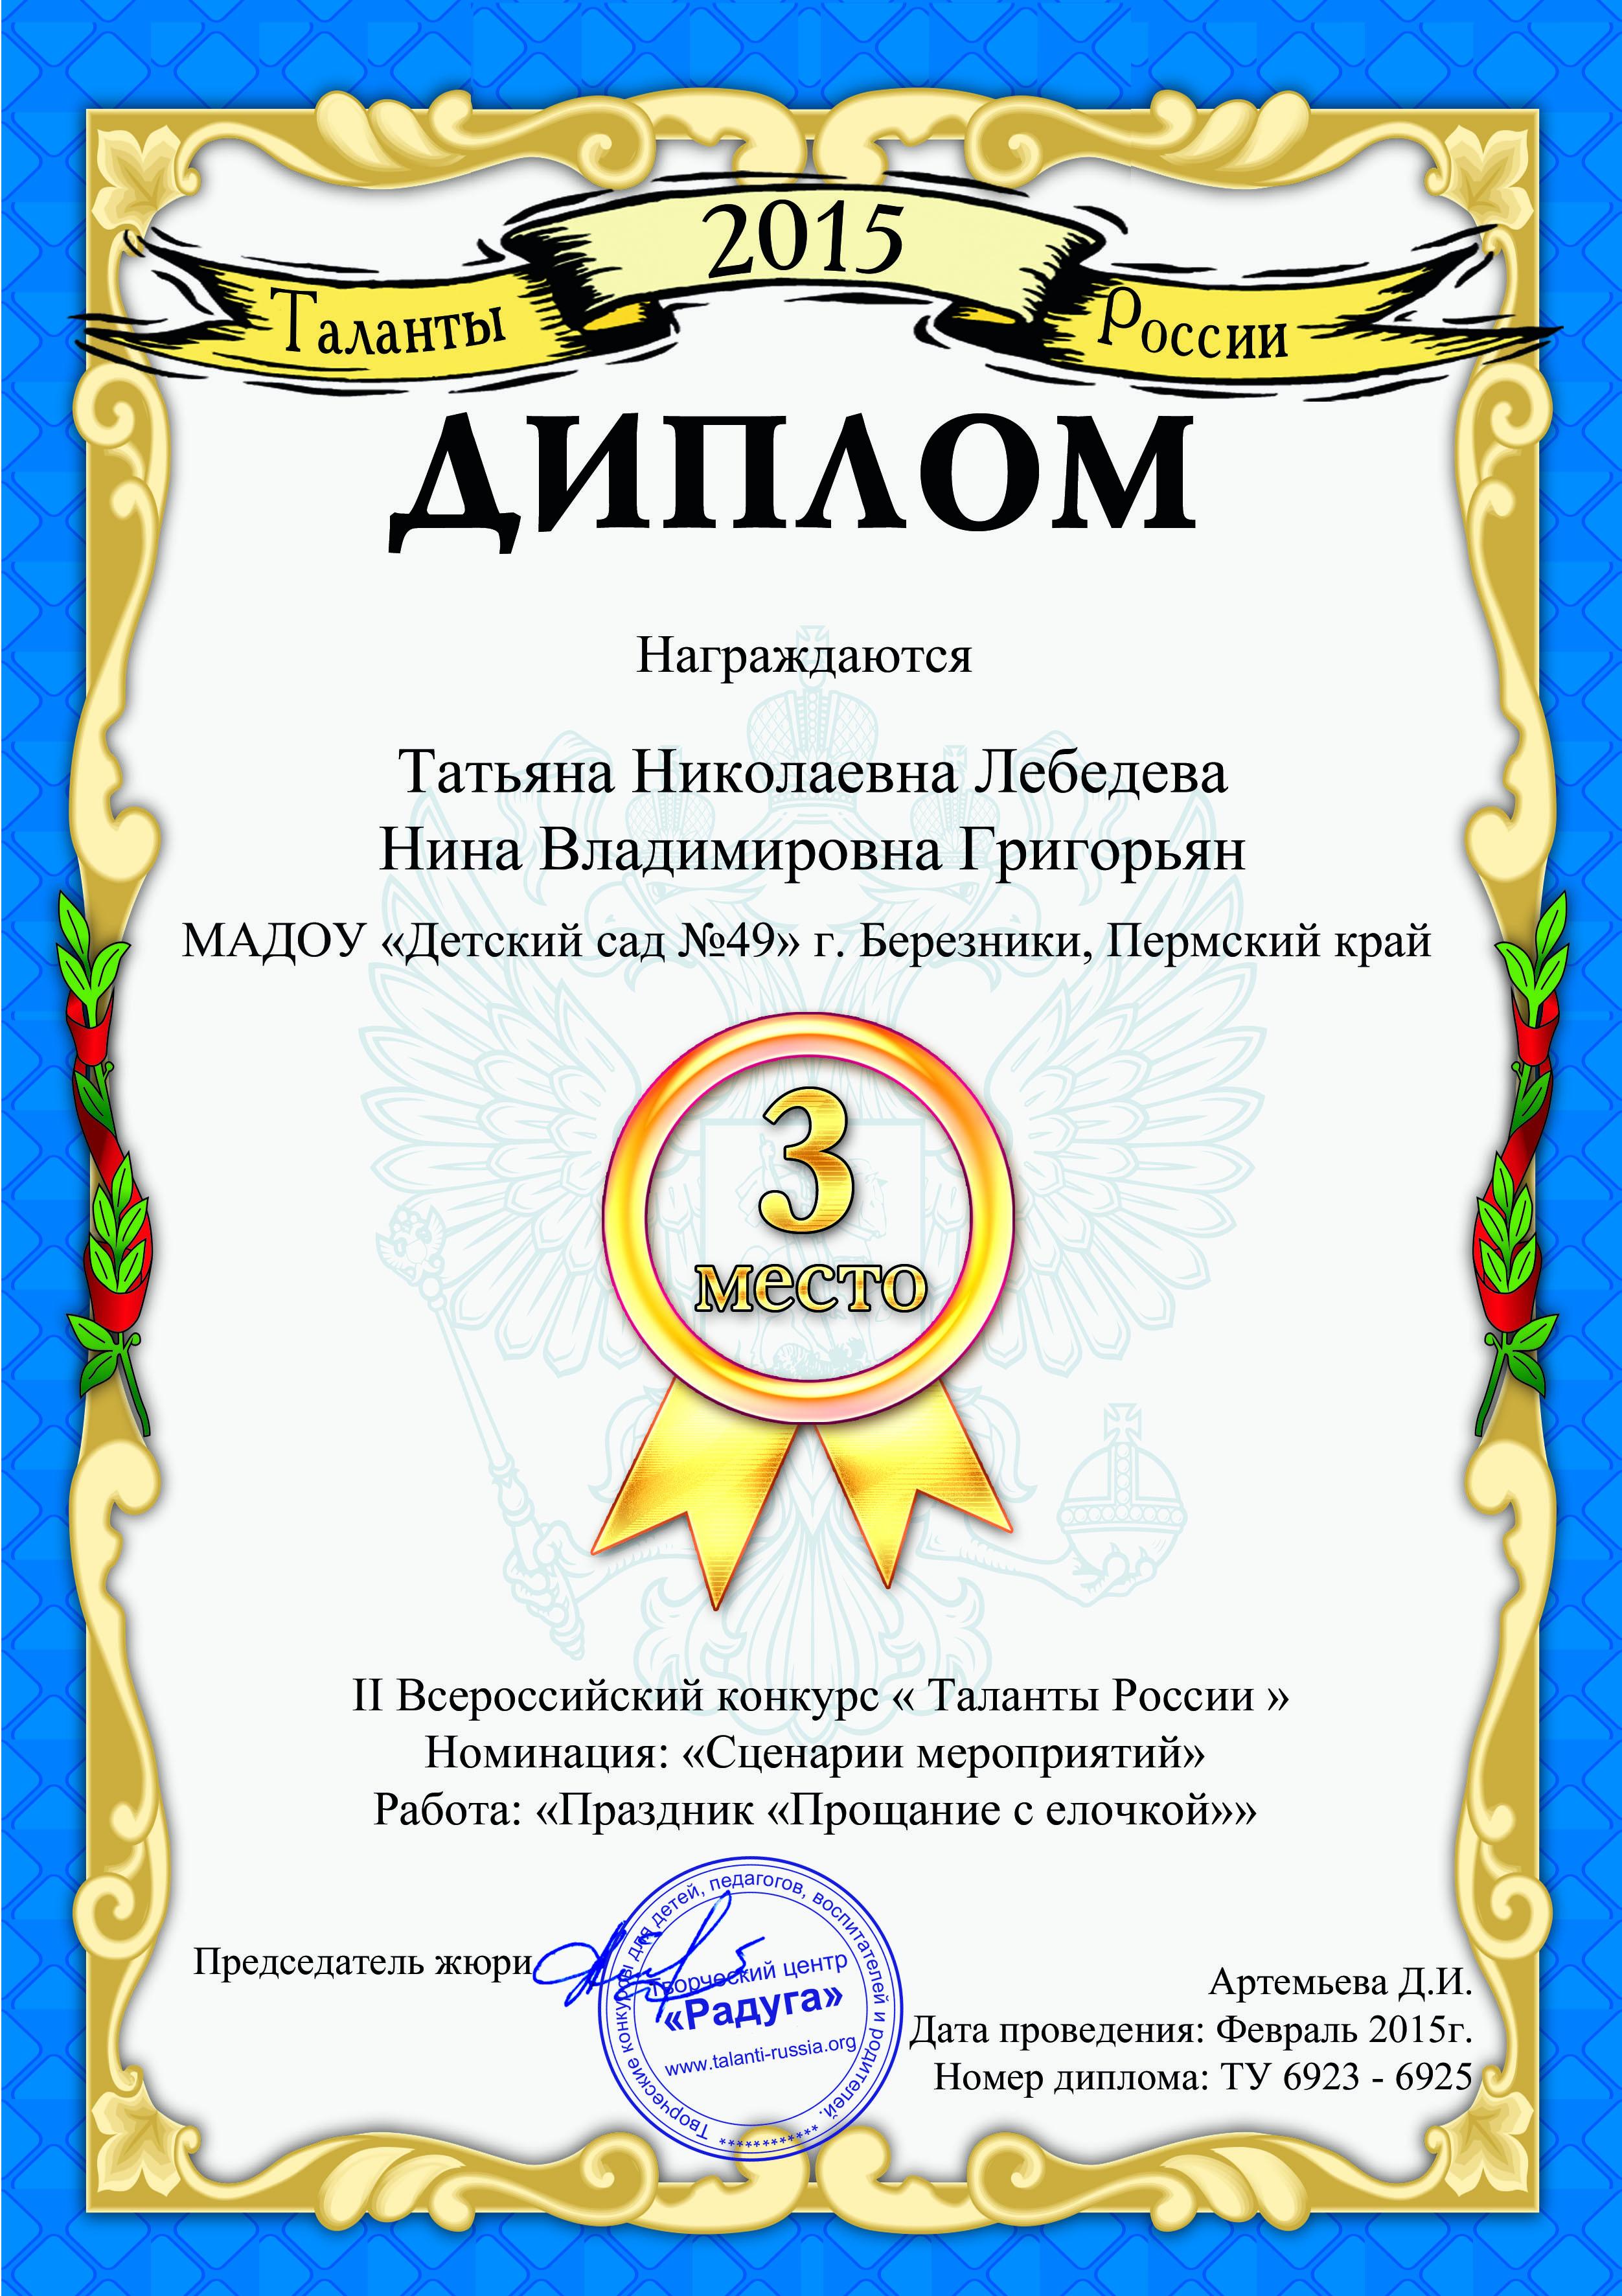 Всероссийский конкурс мой талант